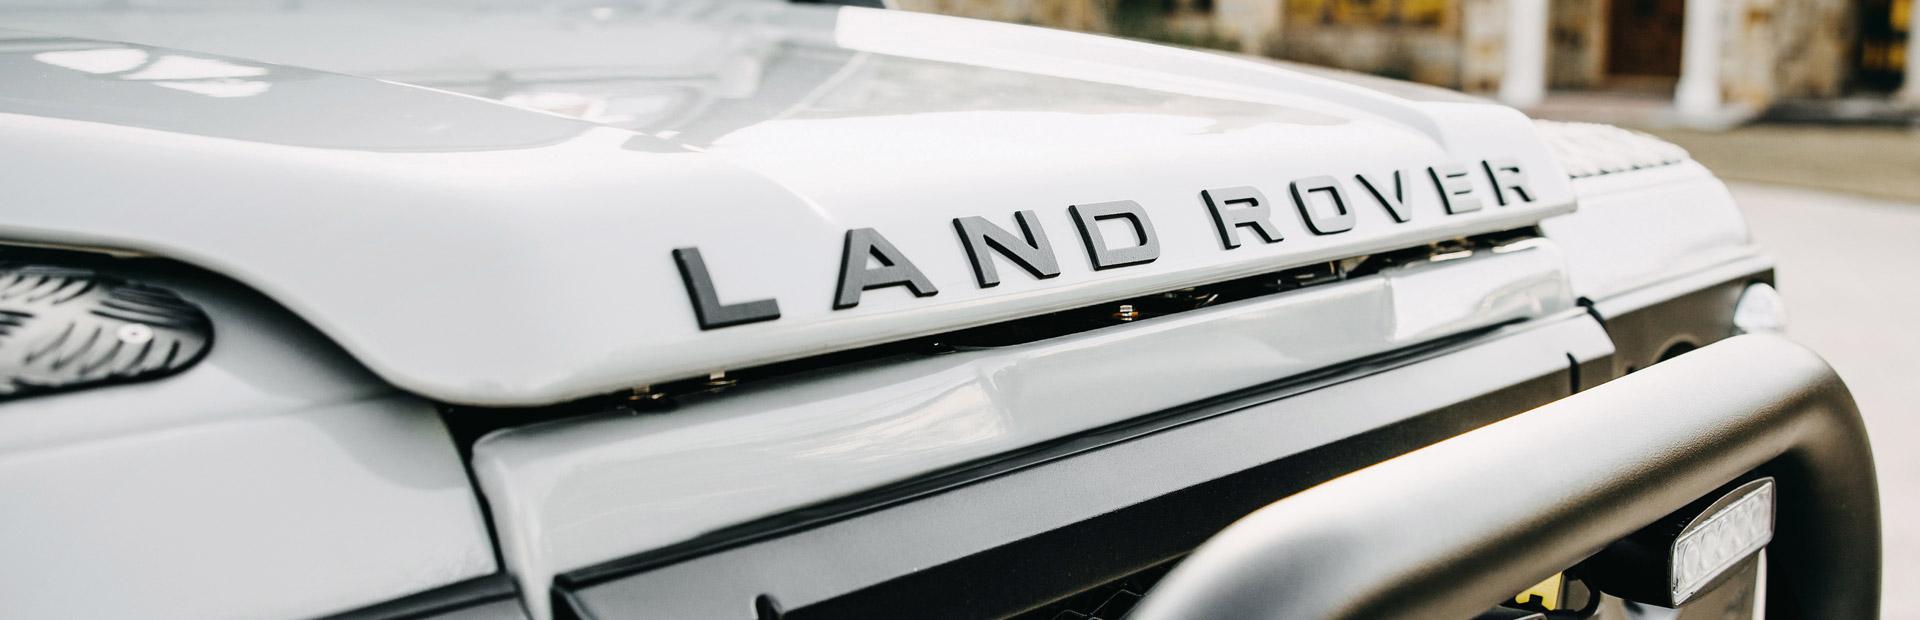 Arkonik Hamm - Custom built Land Rover Defender 90